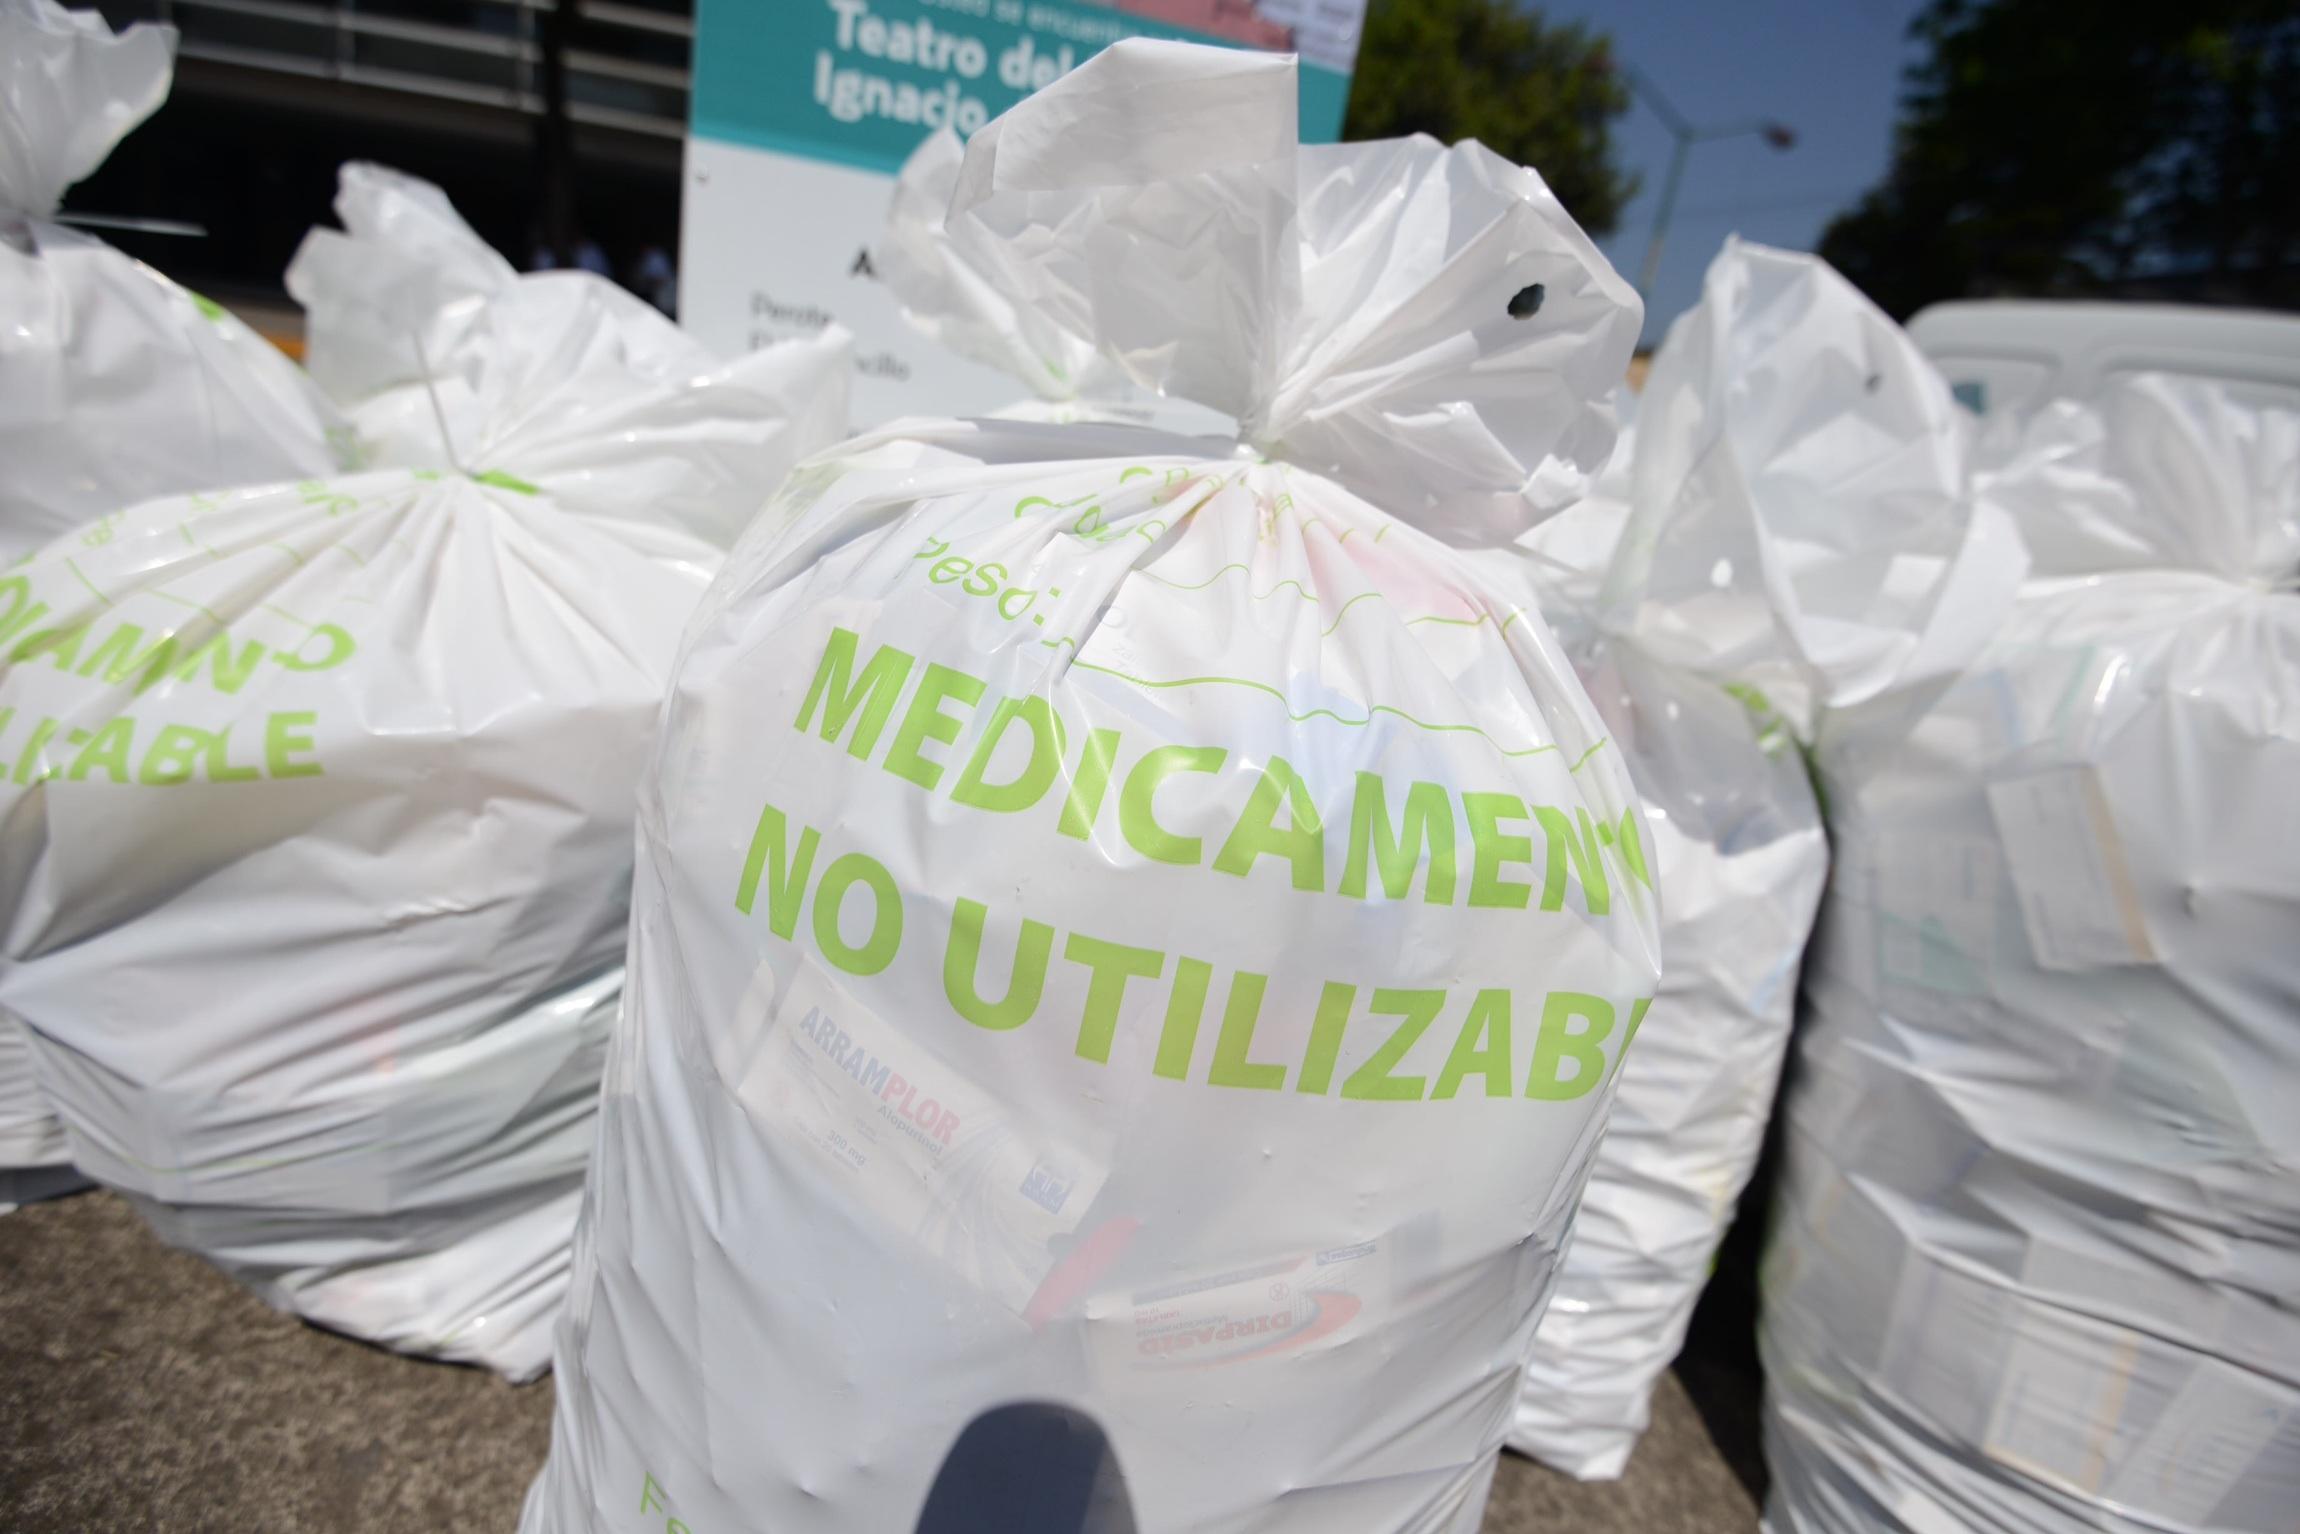 Miles de medicamentos caducos contaminan el medio ambiente